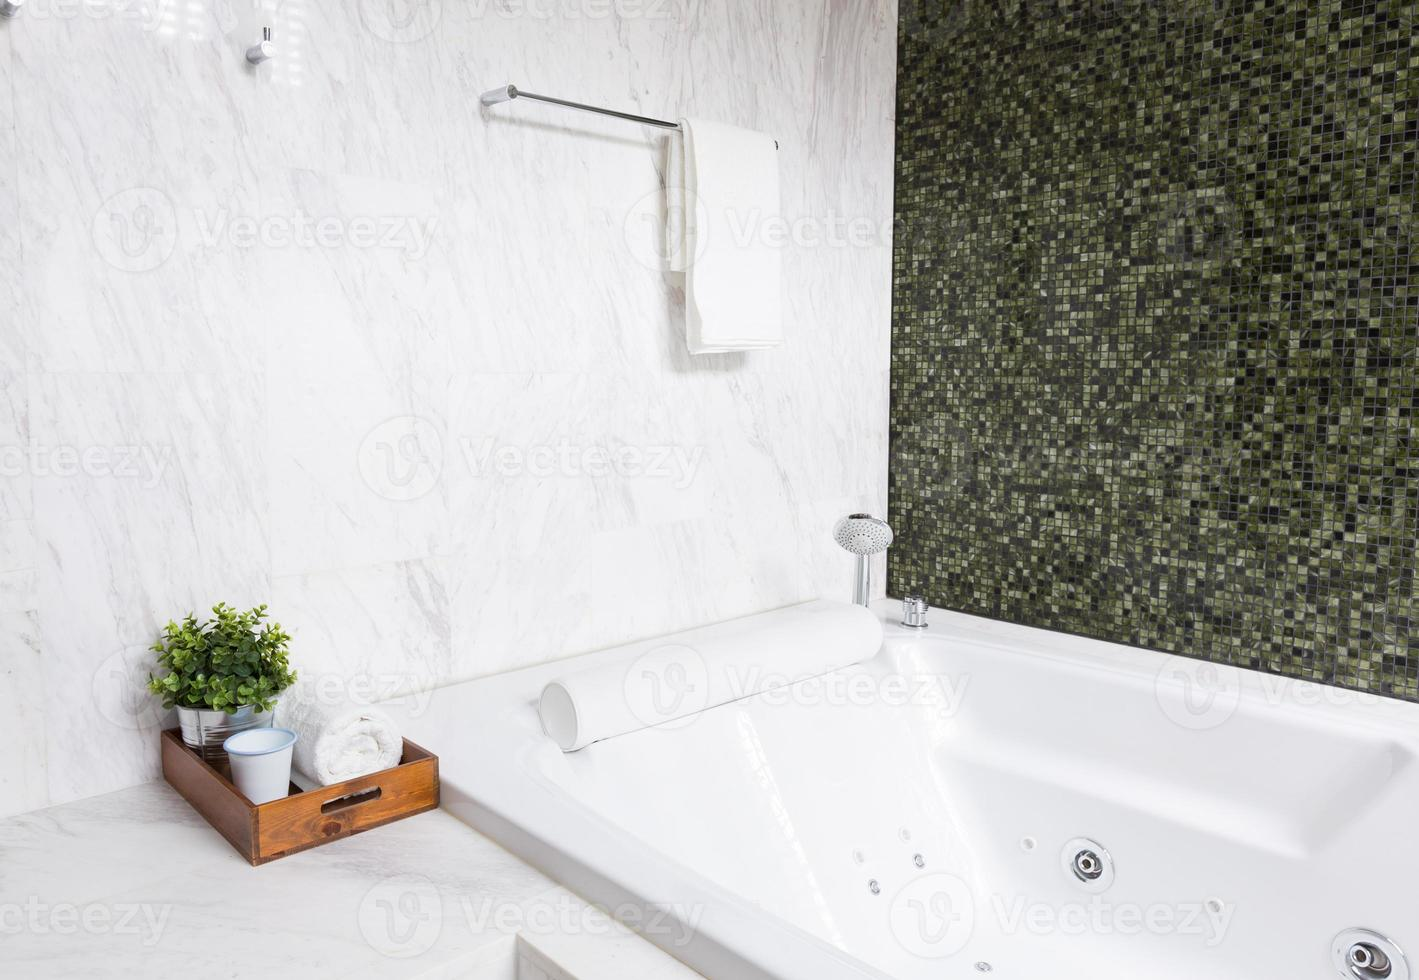 Modern hot tub bathtub photo